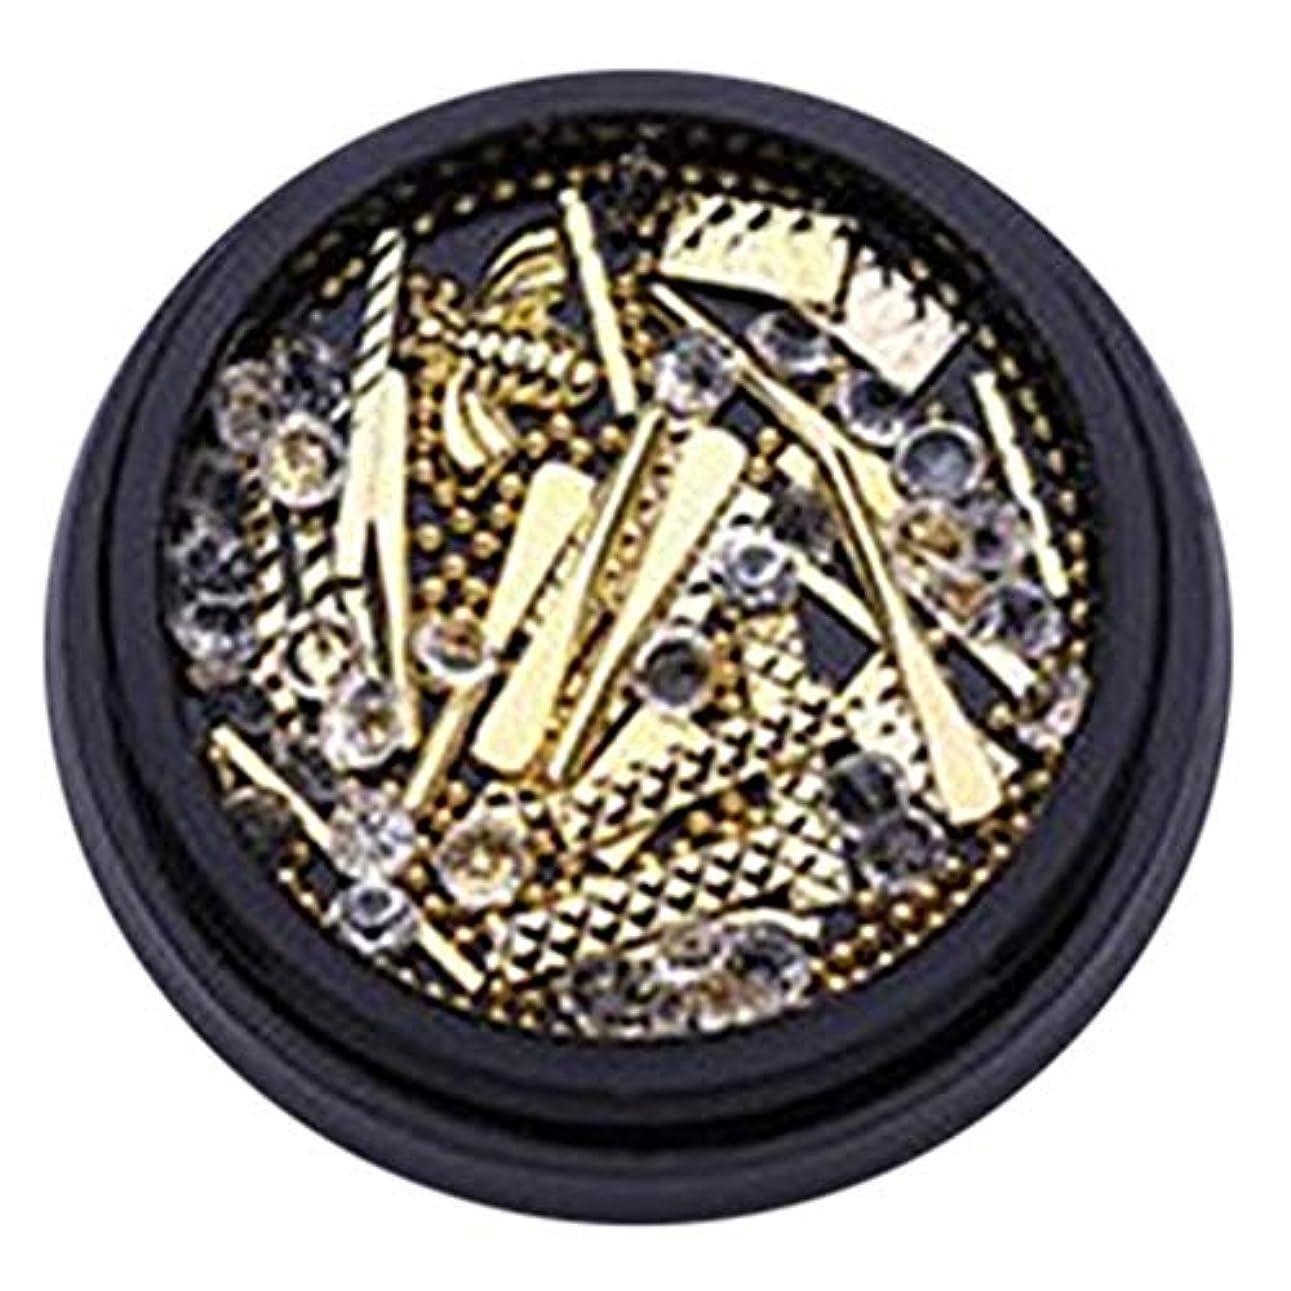 パッチレスリングほかにhamulekfae-和風可愛い人気ブラクケア金属バー長方形リベットネイルアート宝石ラインストーンデコレーションホイールDIYのヒント - ゴールデンGolden